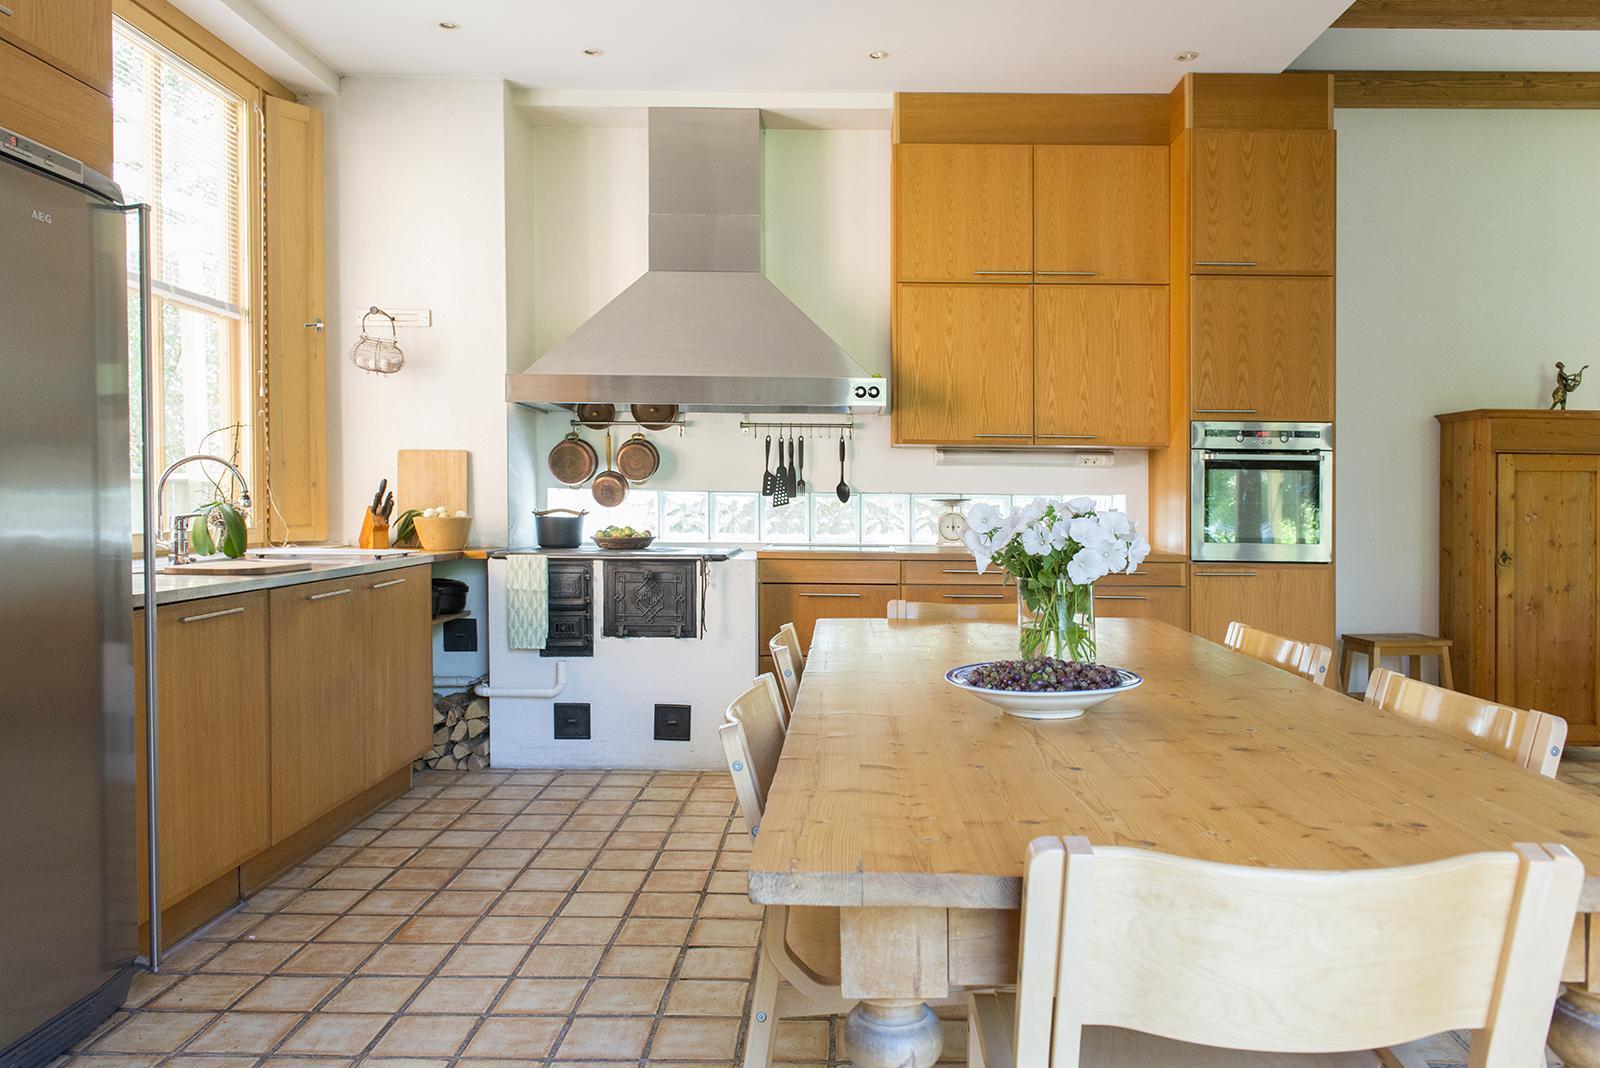 Viihtyisä keittiö puuhelloineen  Etuovi com Ideat & vinkit